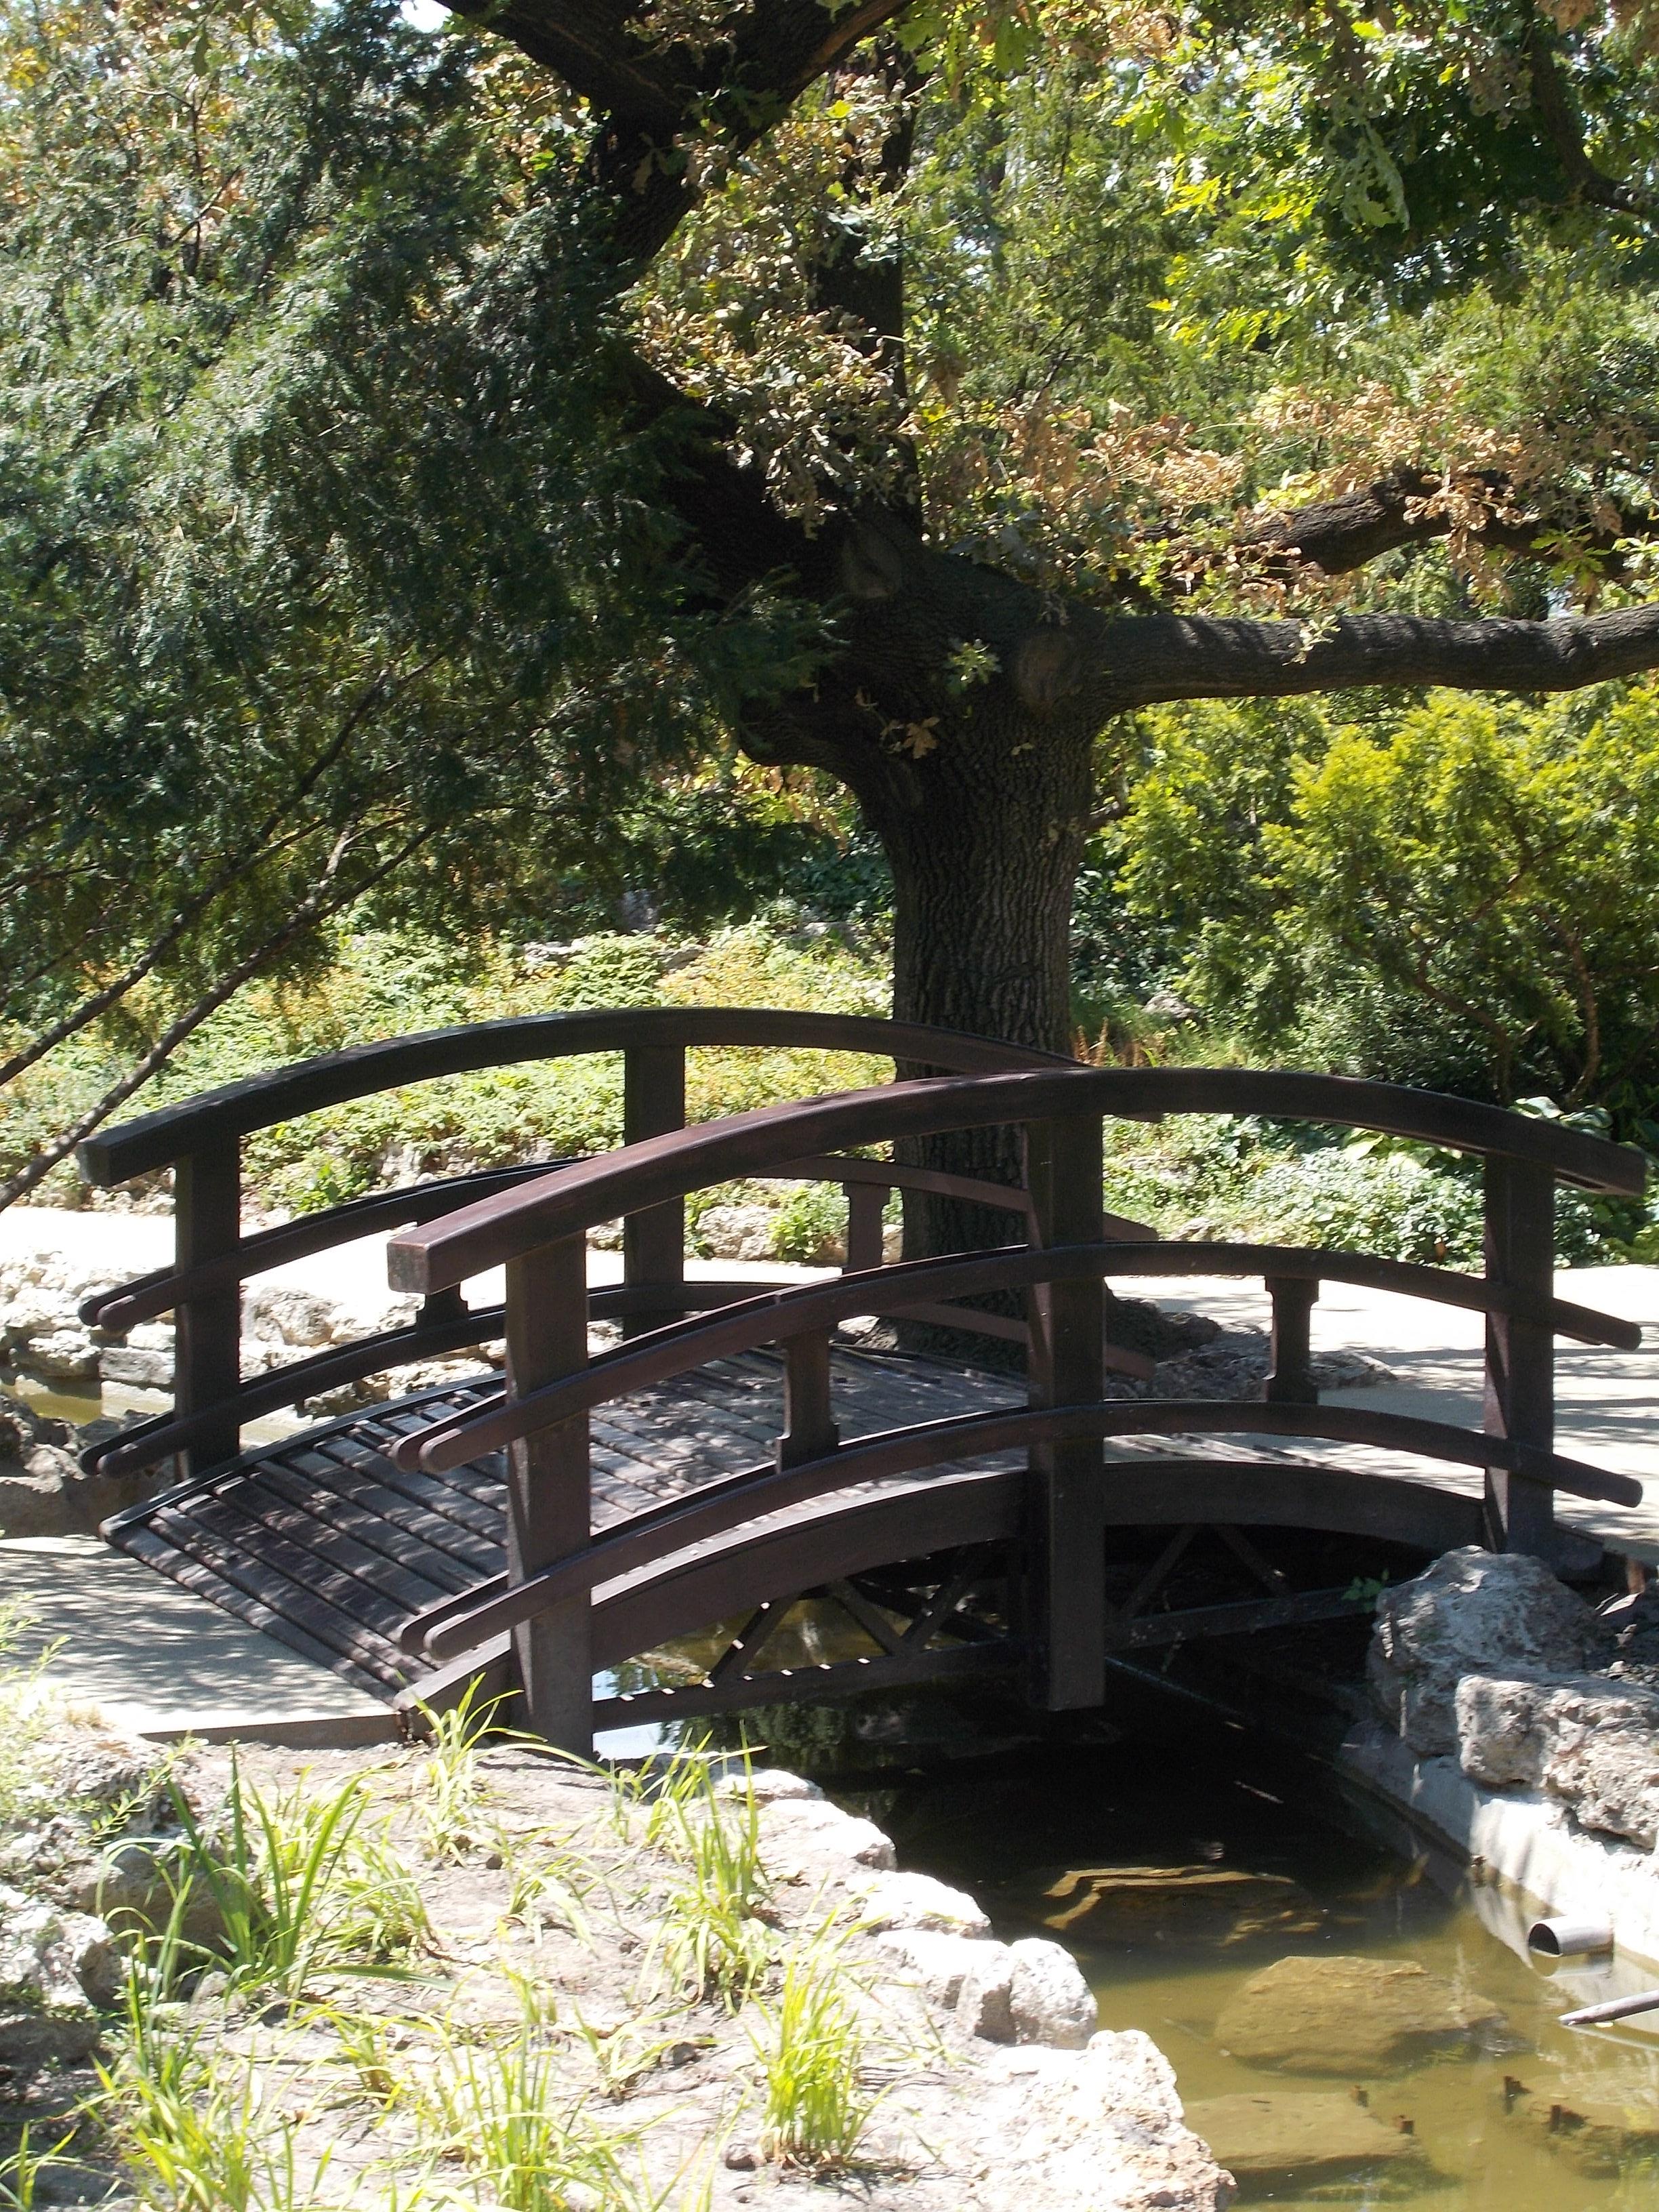 Japanese Garden on Margit Island via Wikipedia